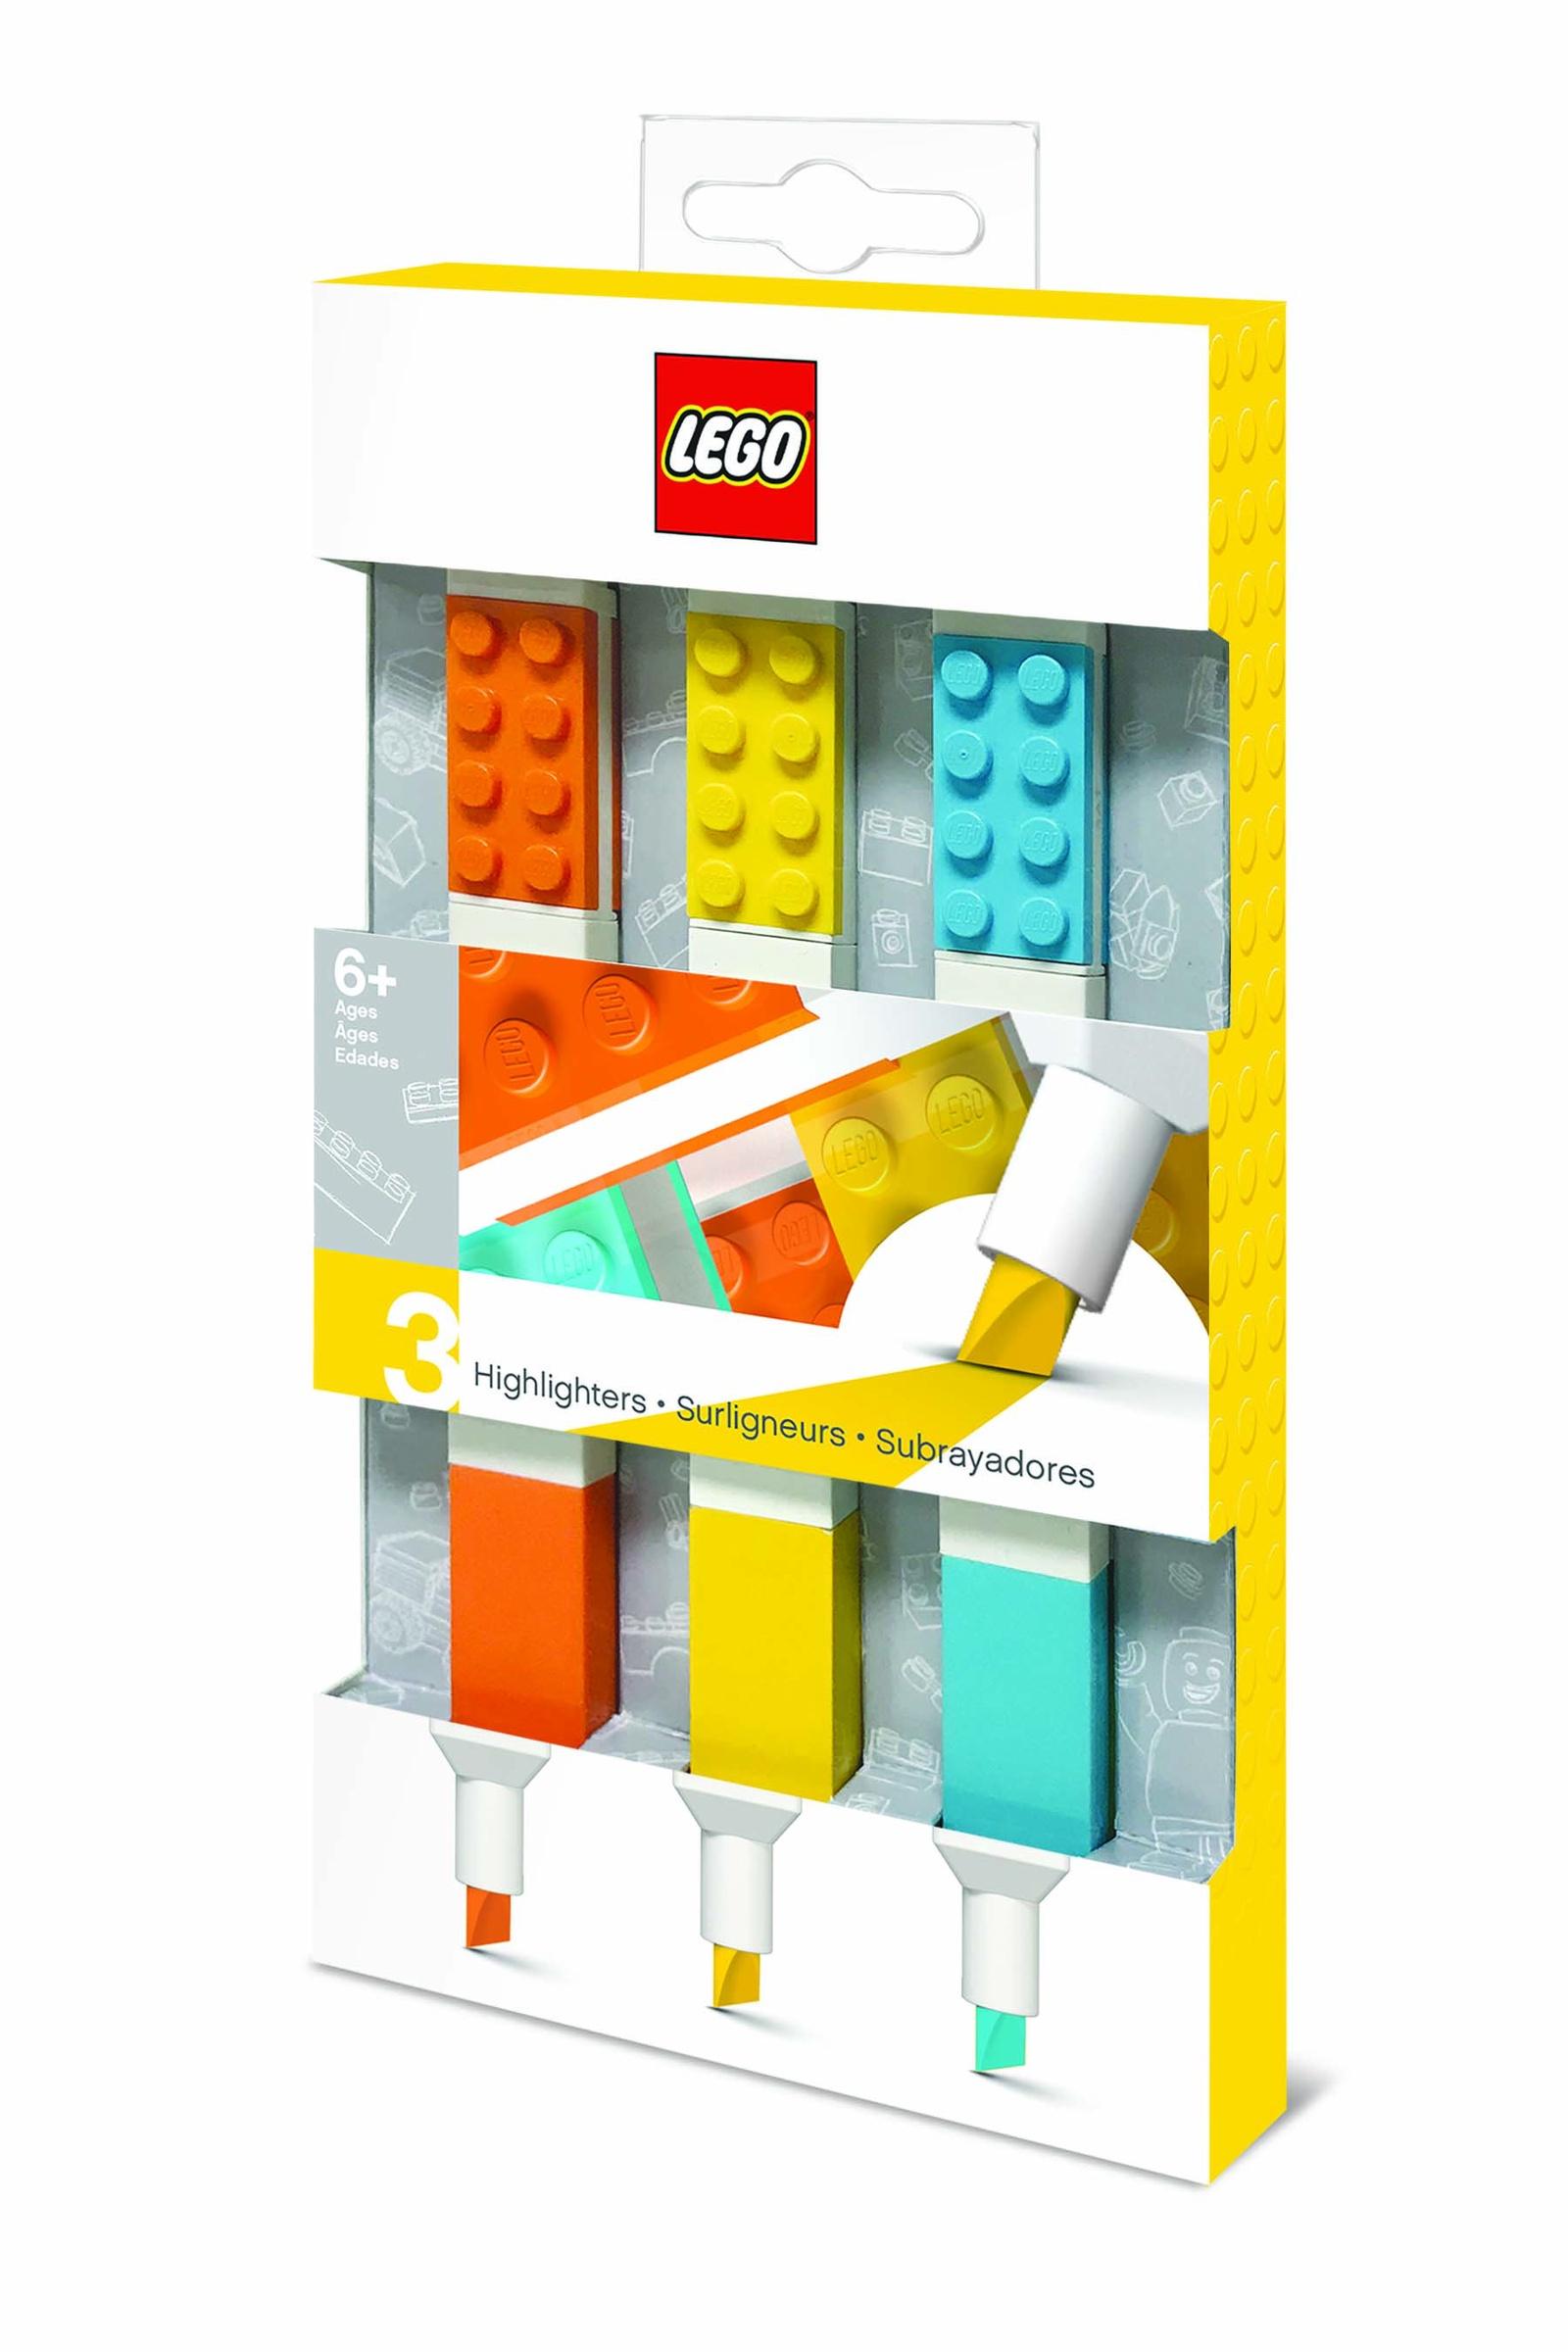 Набор цветных маркеров LEGO Classic, 51685, оранжевый, желтый, голубой, 3 шт набор текстовыделителей silwerhof prime 4 цвета 108031 00